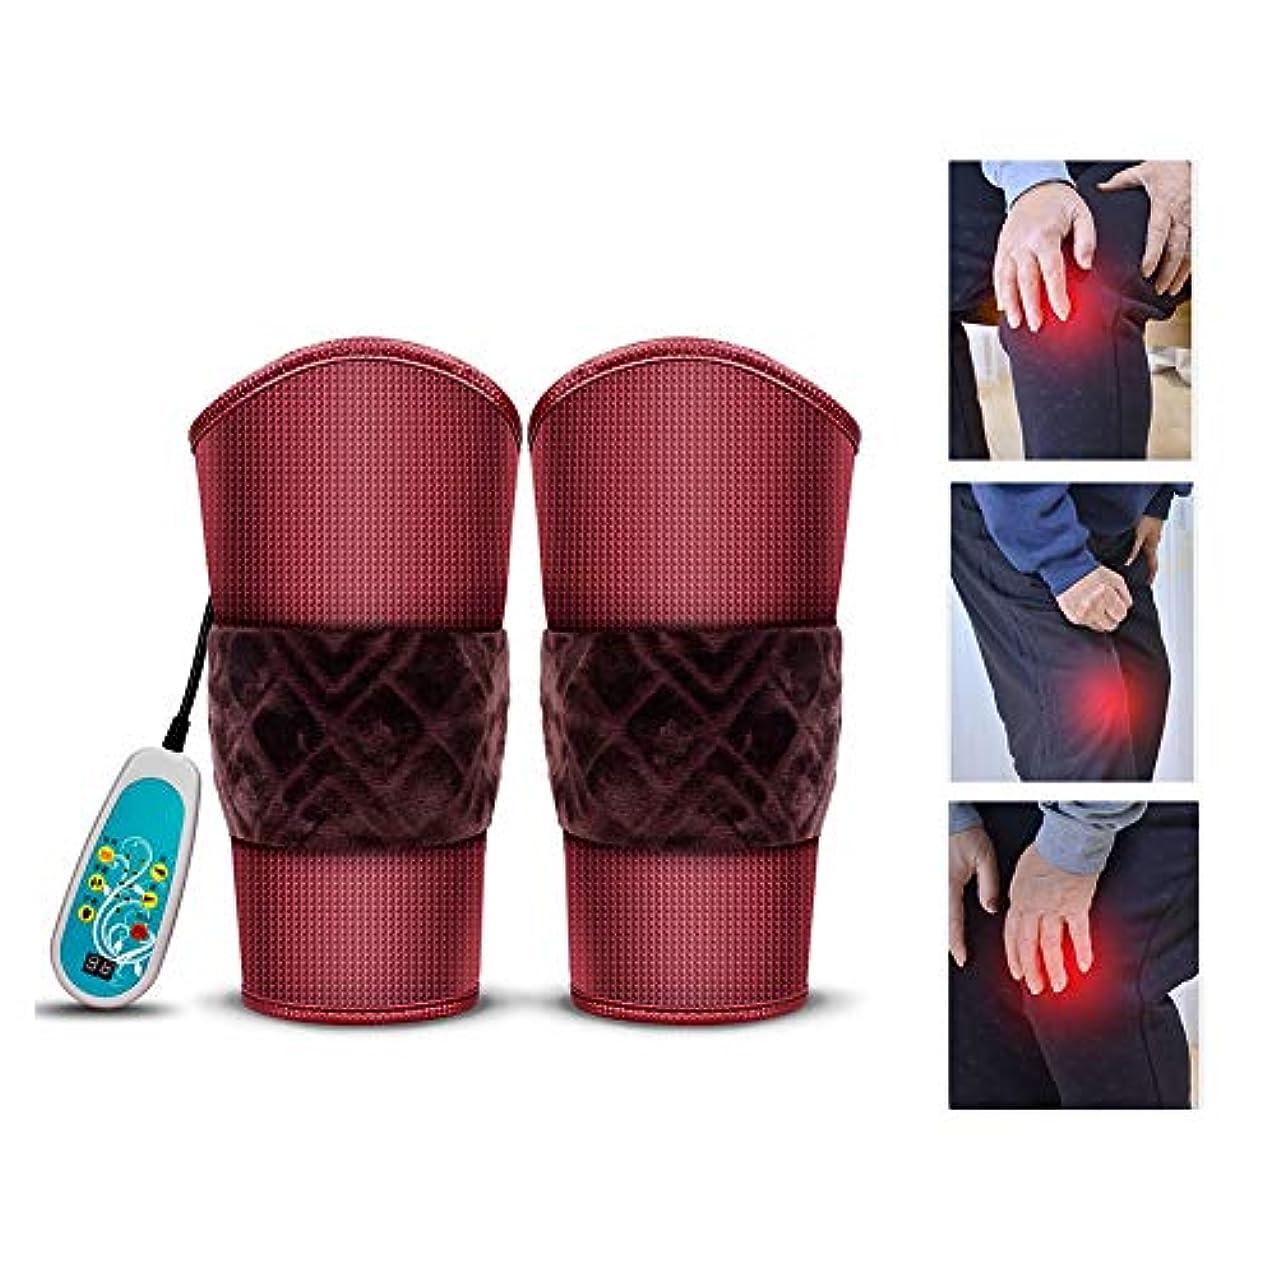 はさみ冗談で優先加熱膝ブレースサポート - 膝ウォームラップヒーテッドパッド - 9マッサージモードと3ファイル温度のセラピーマッサージャー、膝の怪我、痛みの軽減